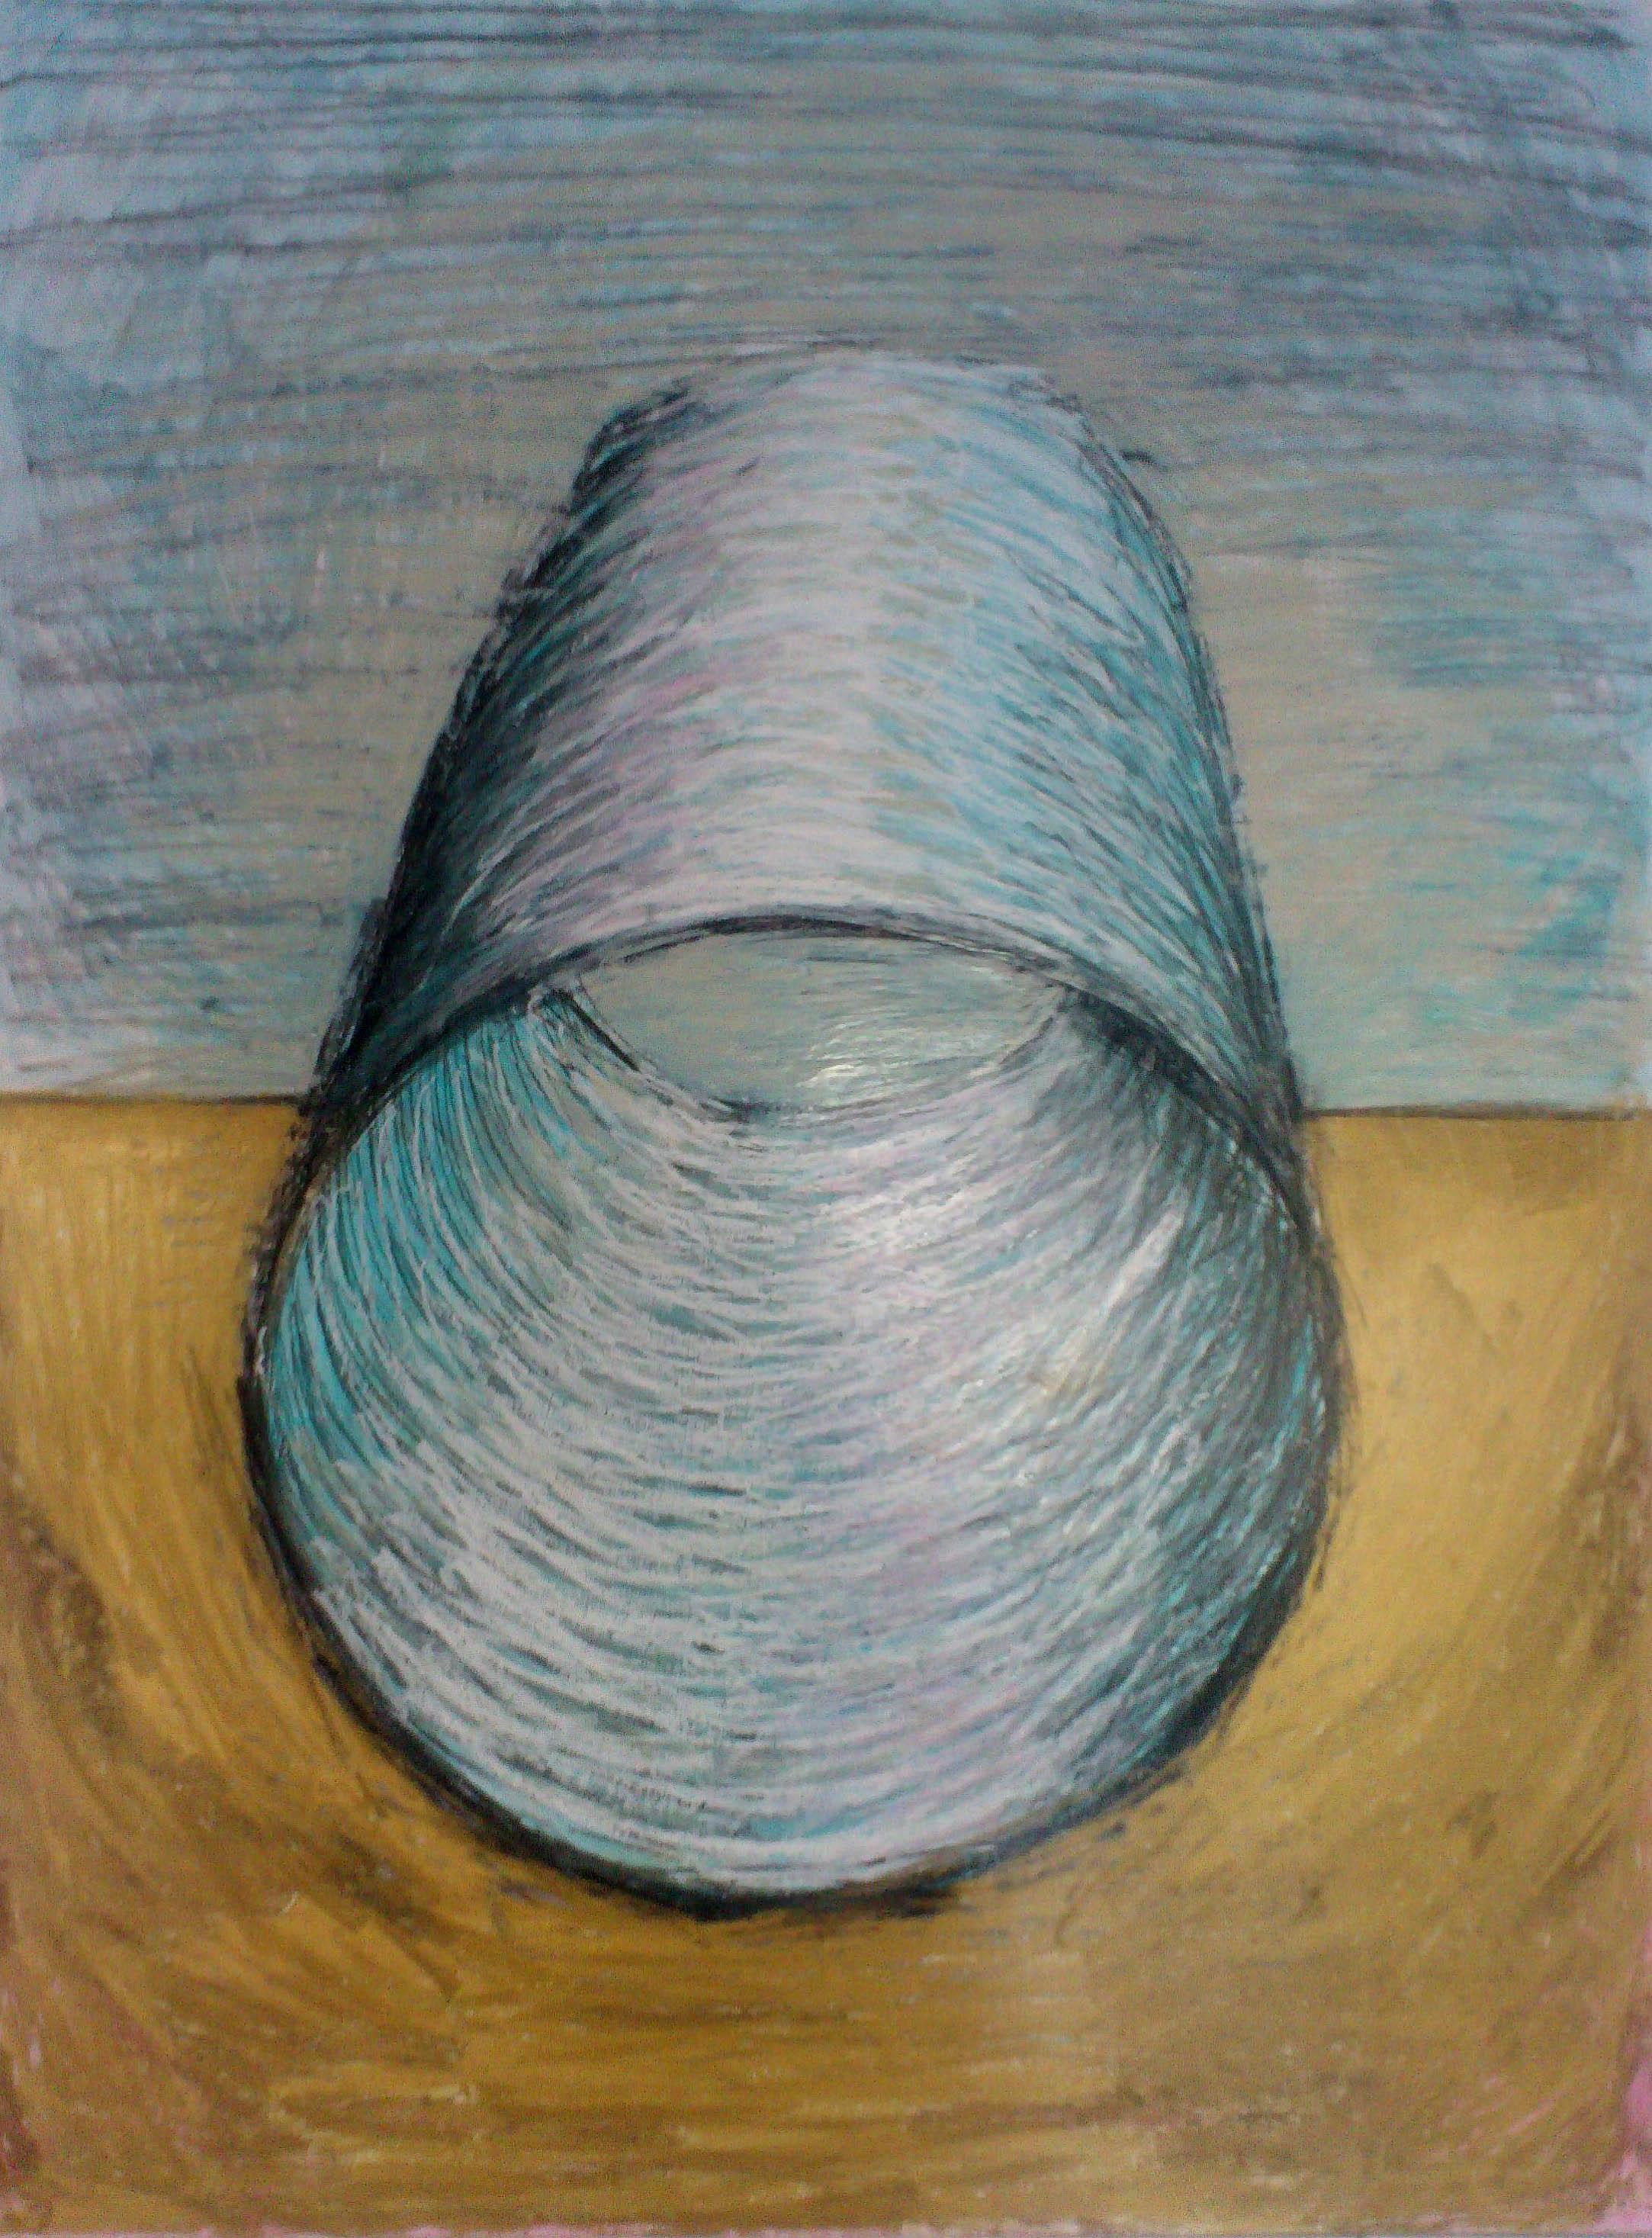 Röhre gold-blau